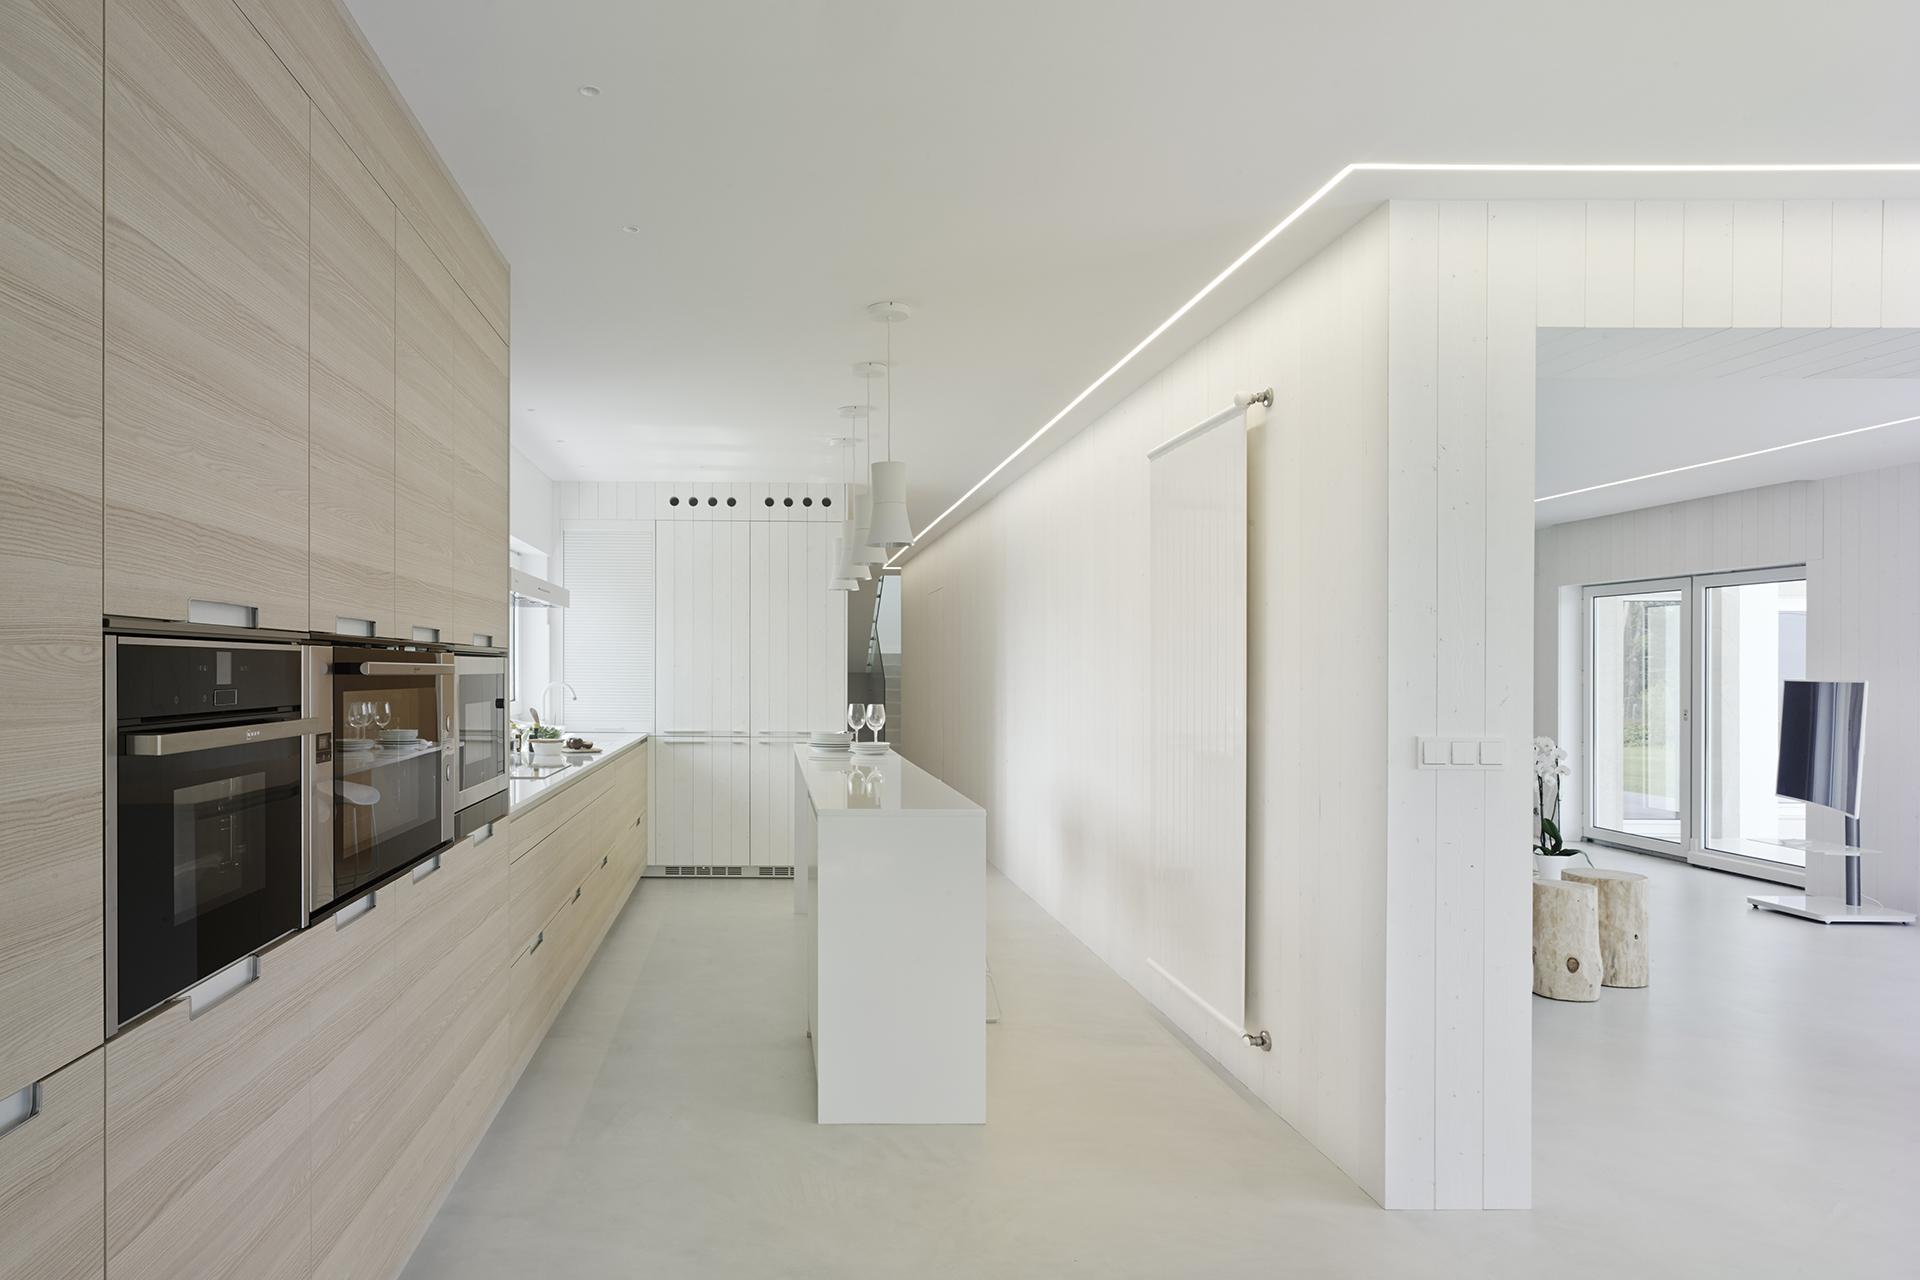 Cocina blanca y madera Santiago Interiores